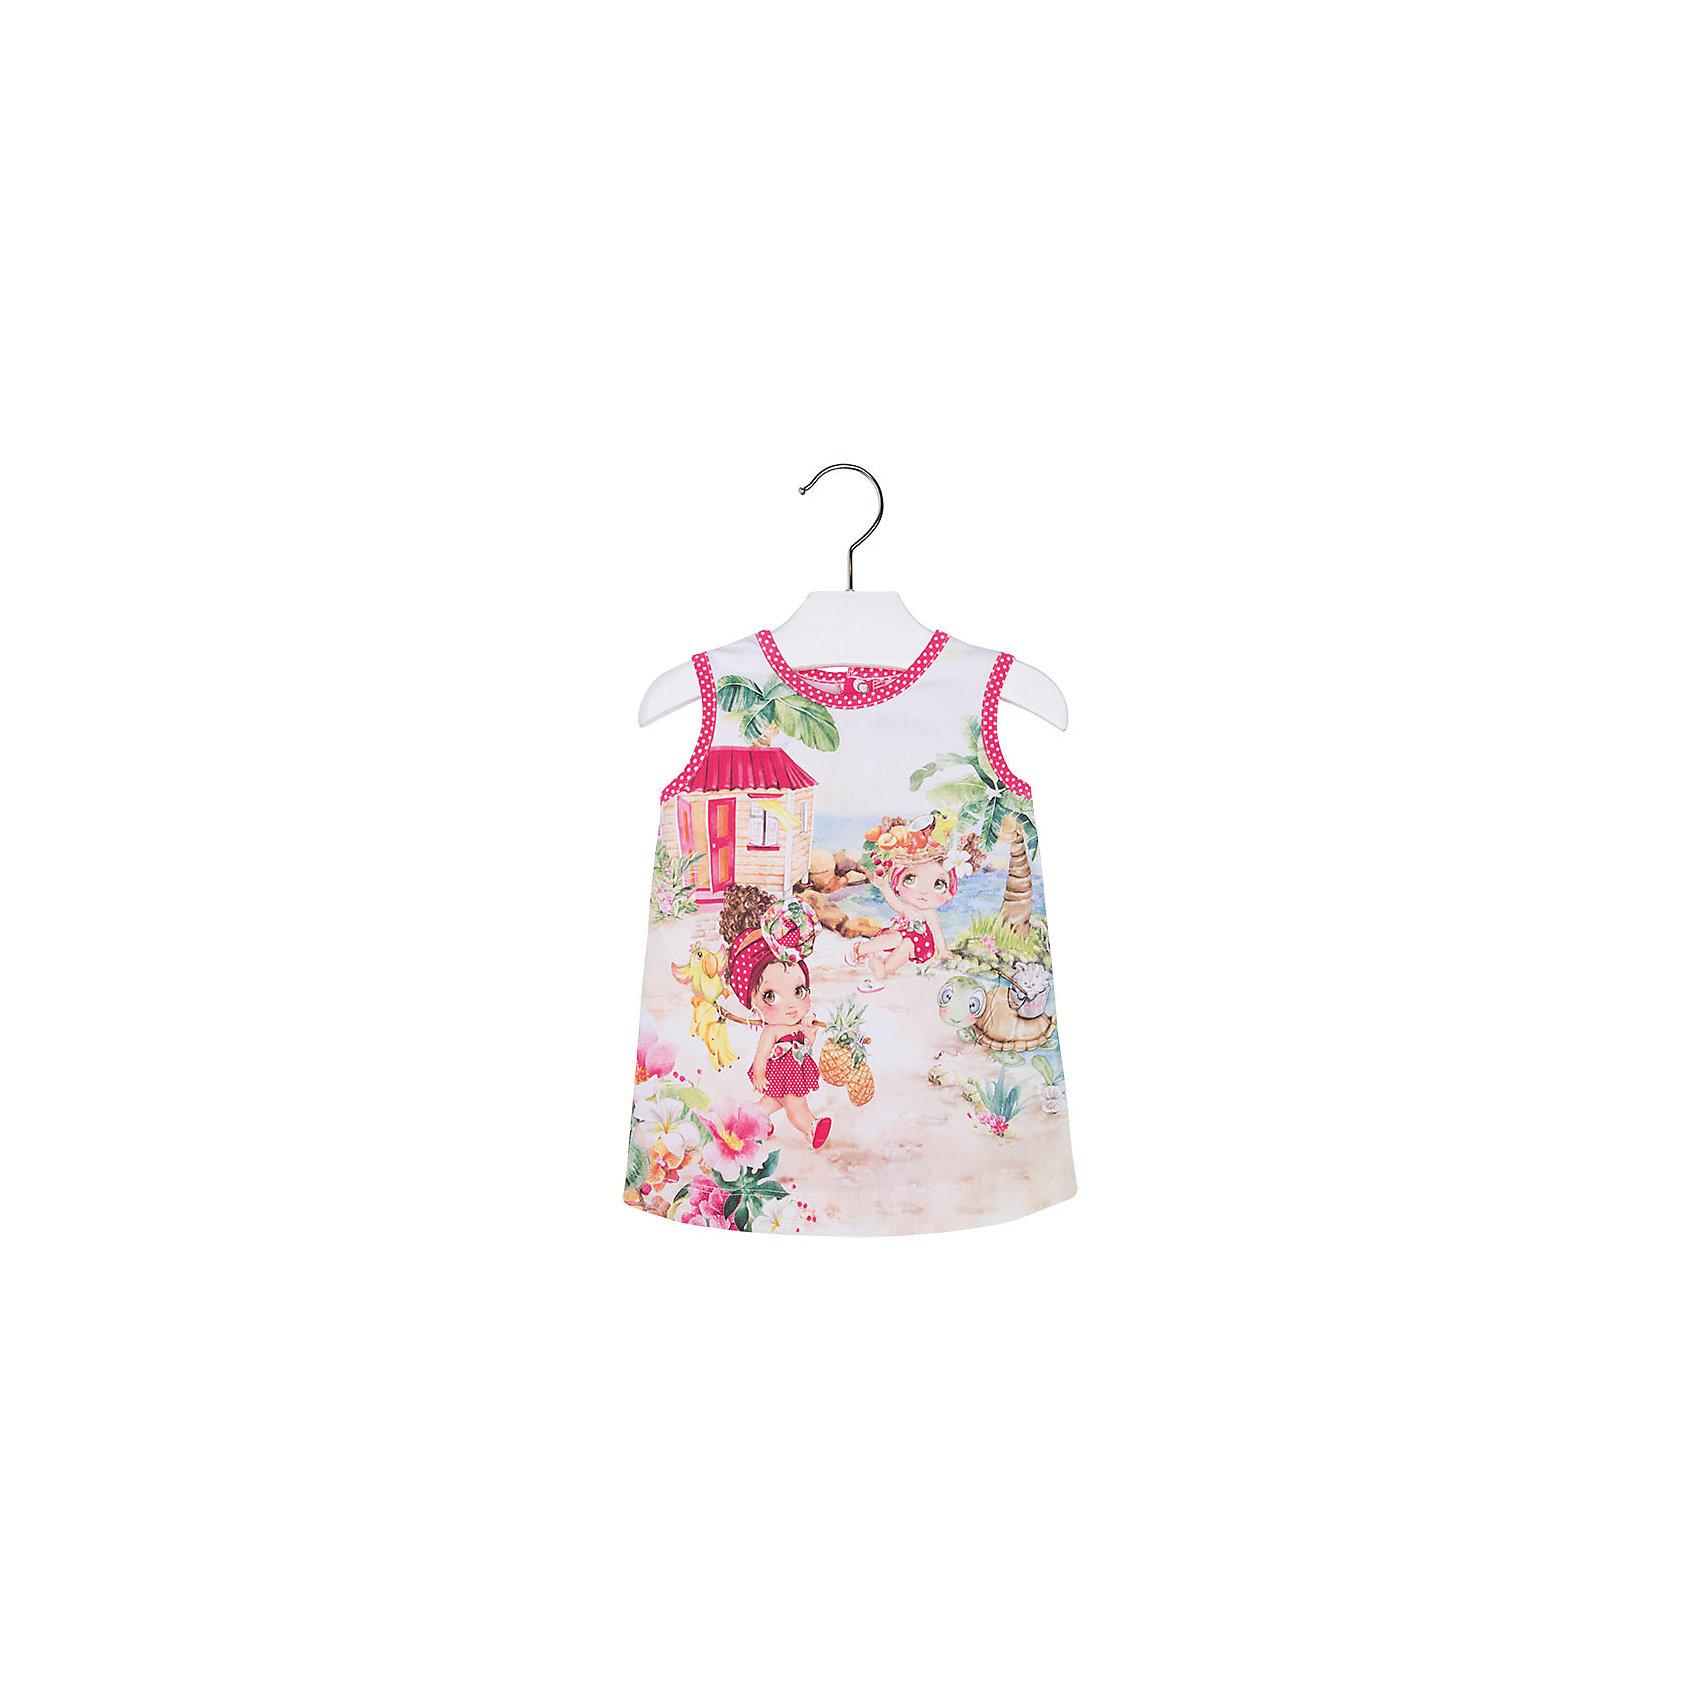 artigli платье для девочки a07973 разноцветный artigli Mayoral Платье для девочки Mayoral